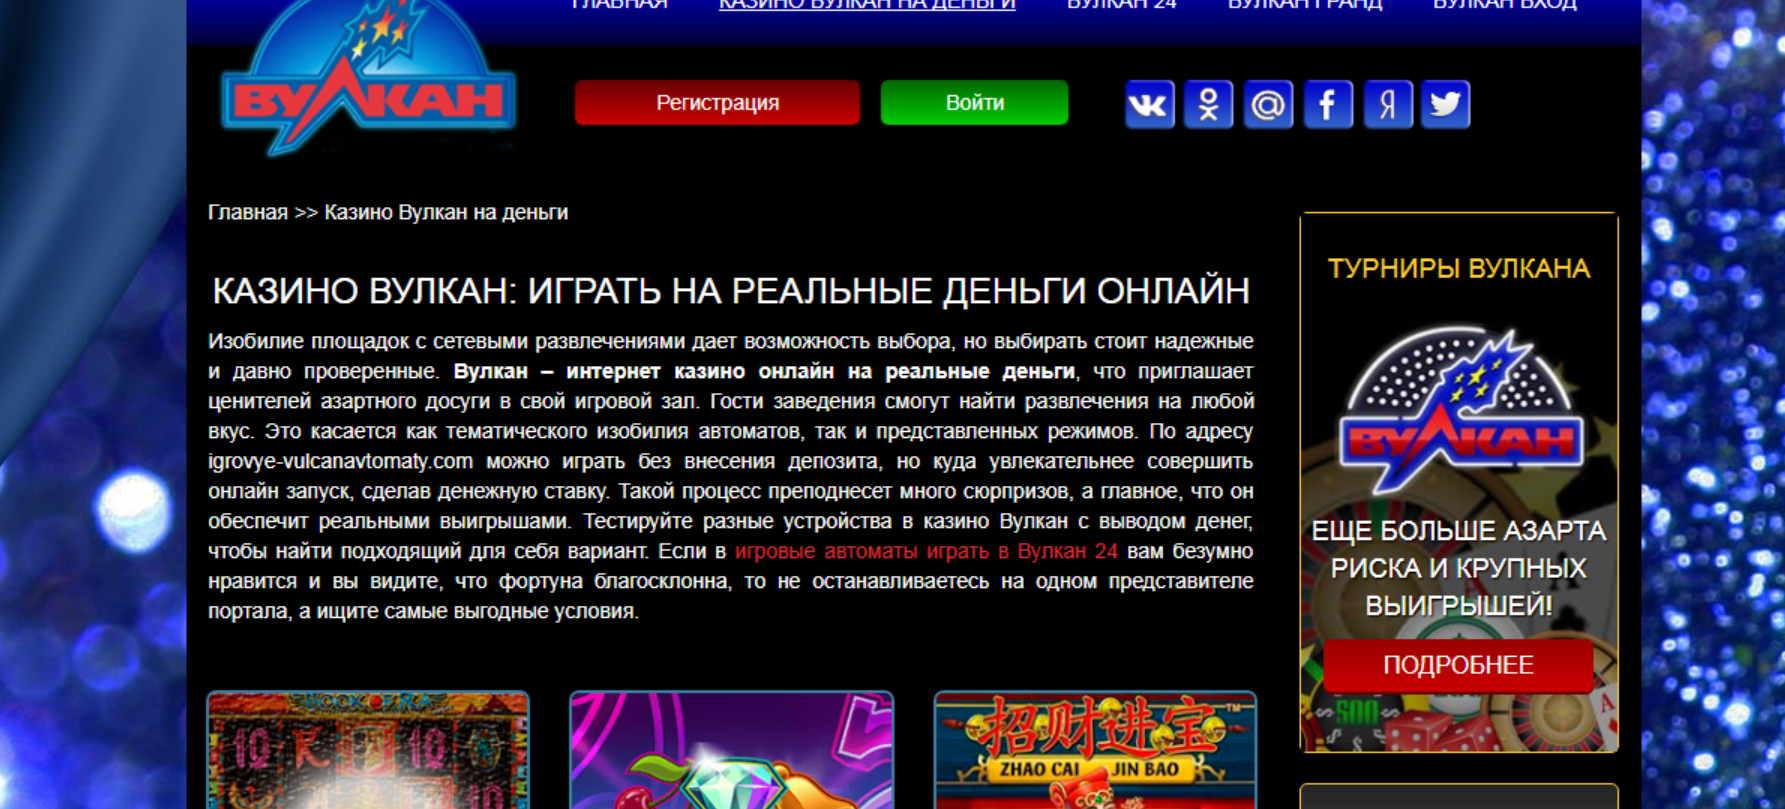 Реальные доходы интернет казино находится самое большое казино